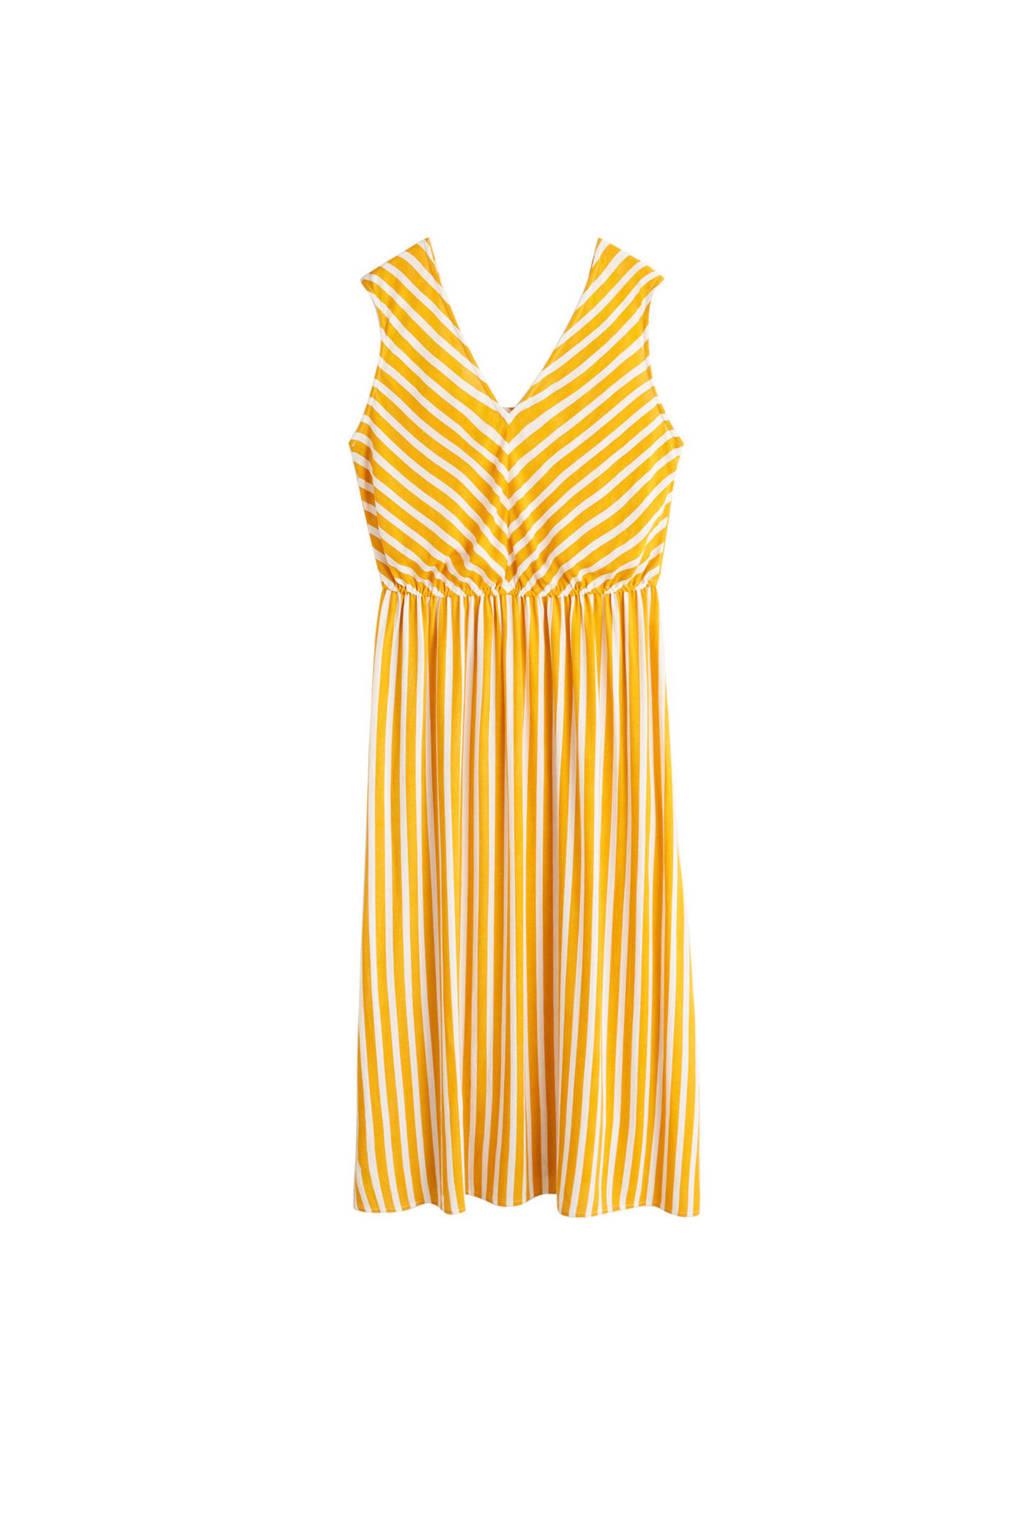 Violeta by Mango gestreepte jurk geel, Geel/wit